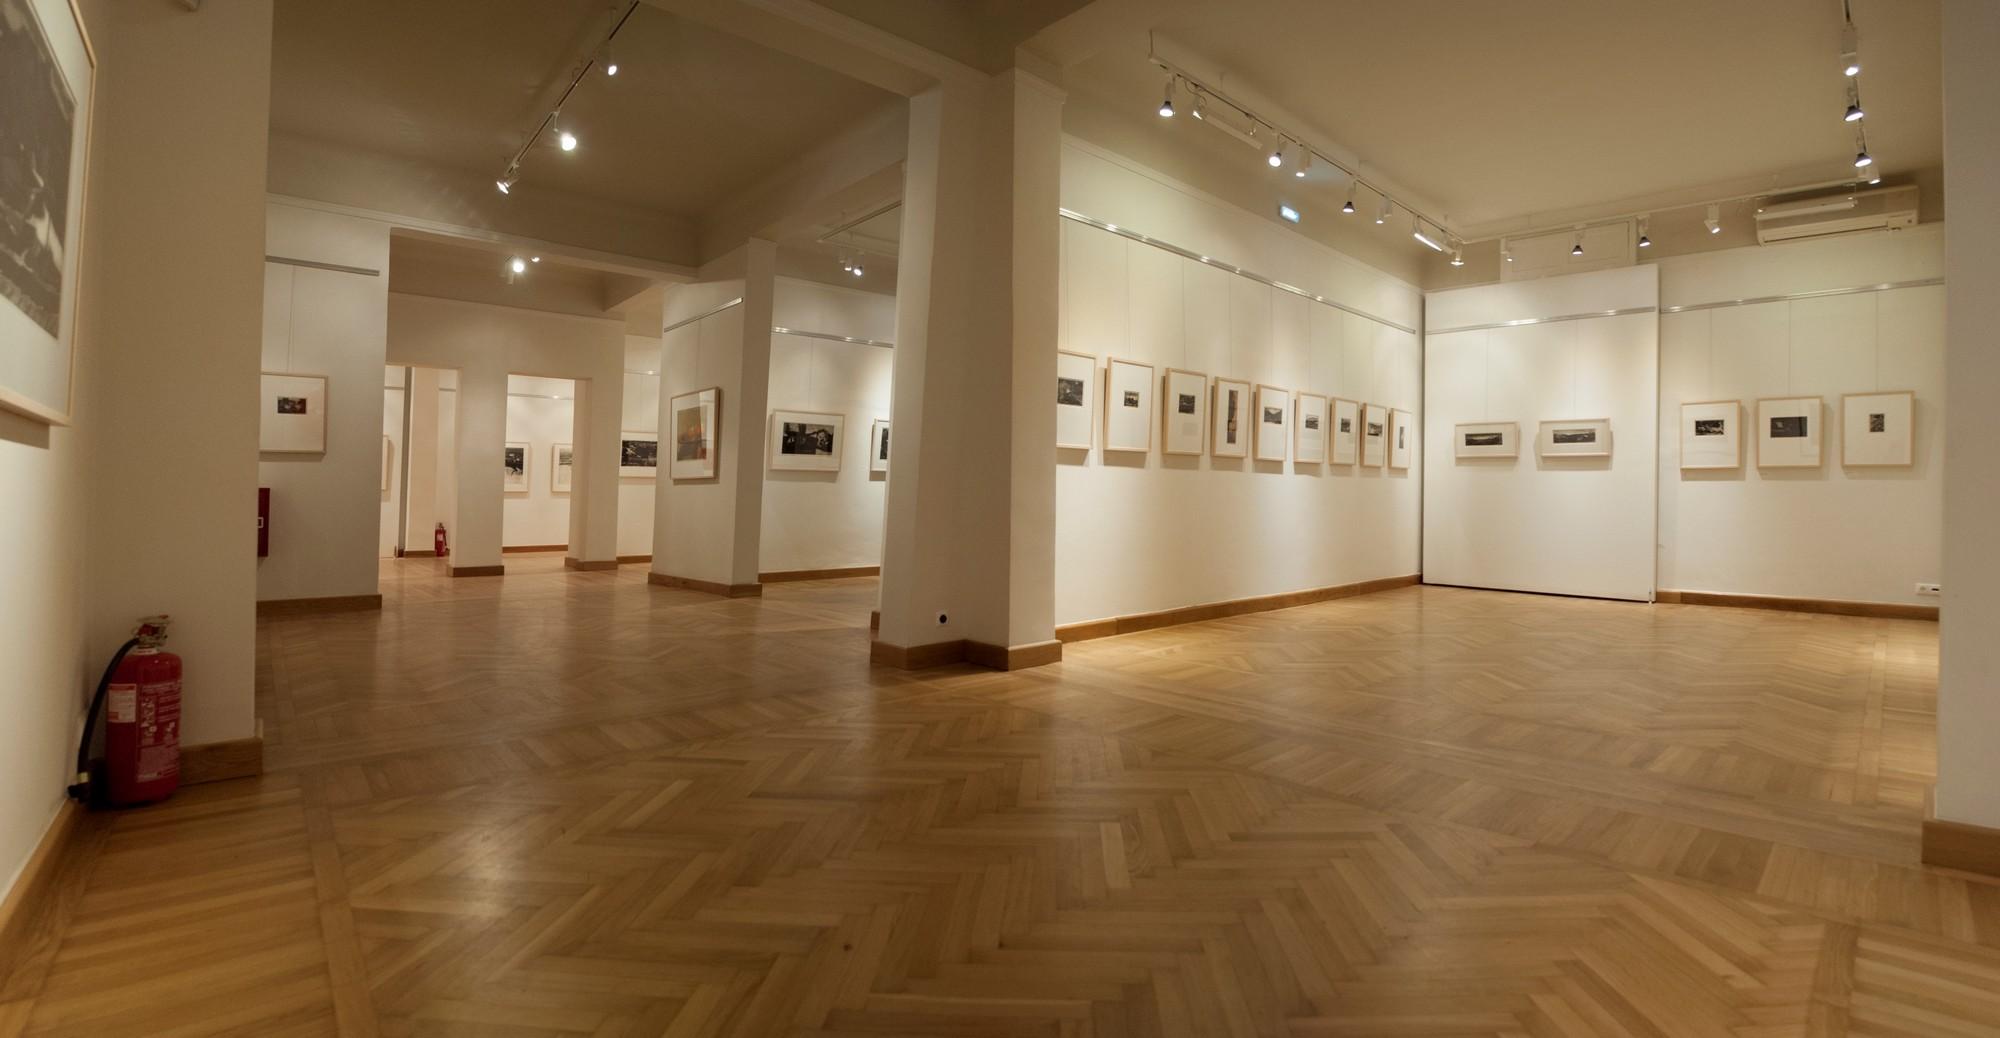 Μόνιμη συλλογή έργων στην Δημοτική Πινακοθήκη